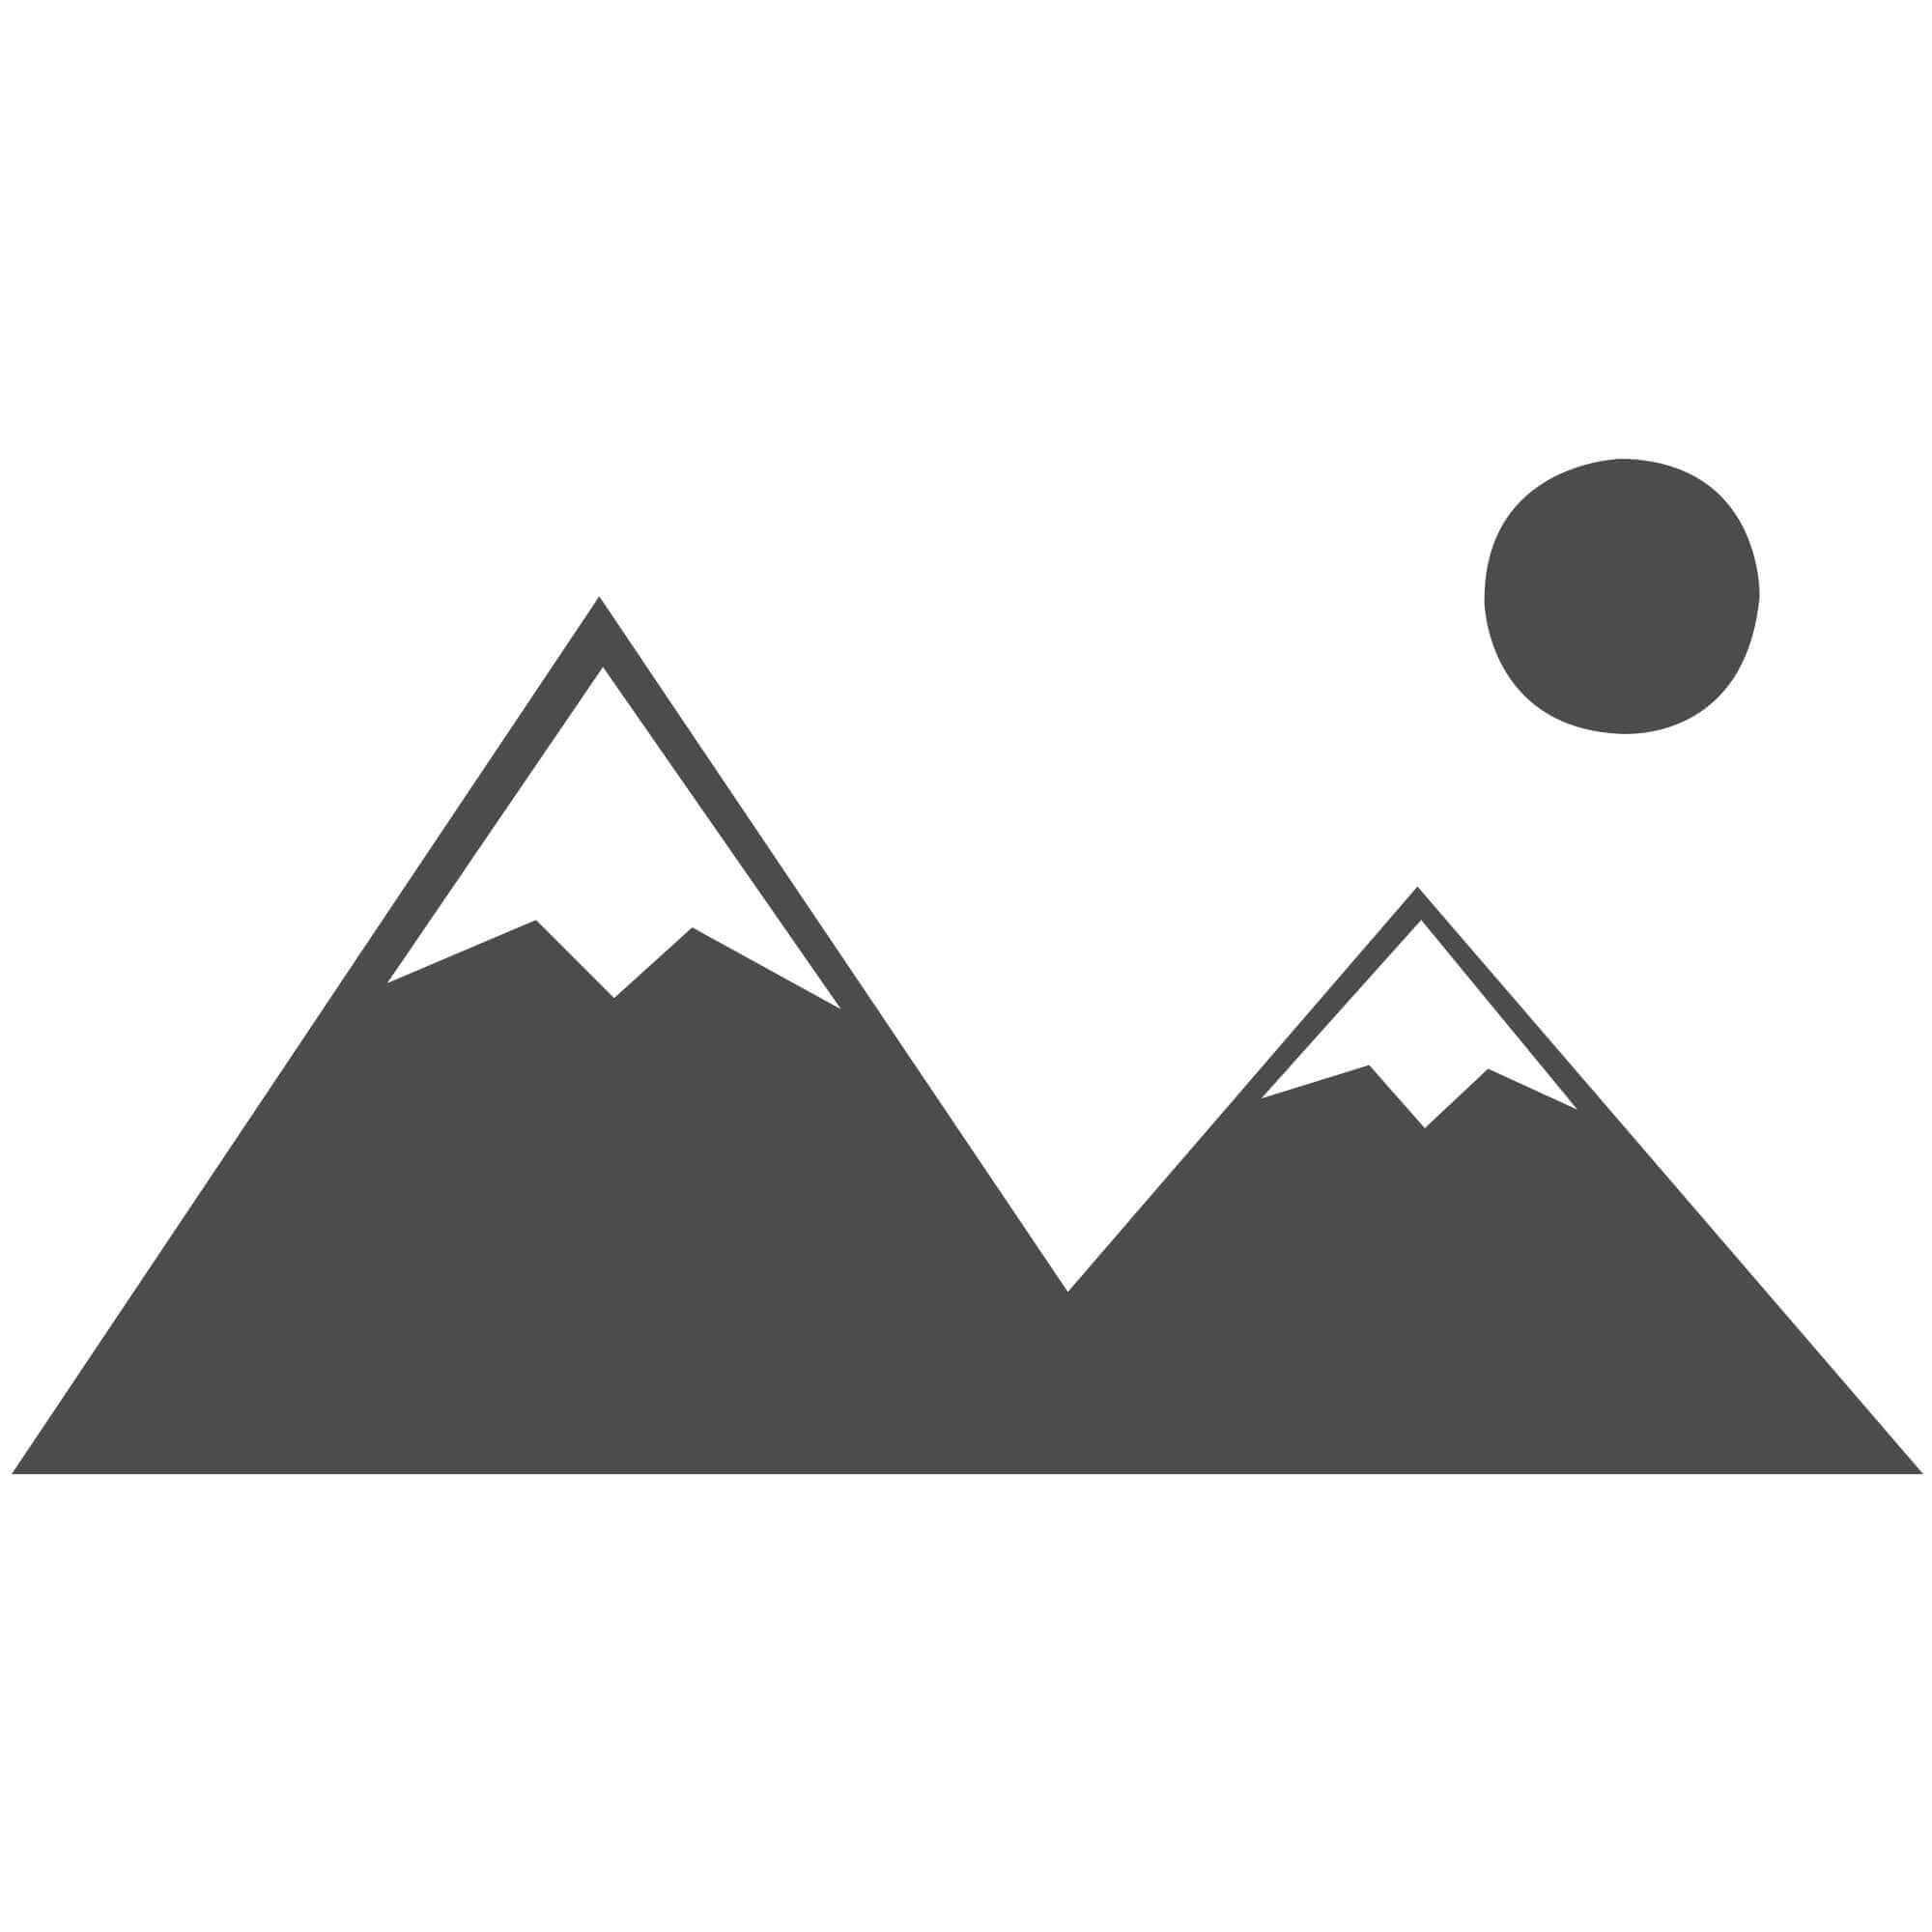 Stockton 4 Eco woodburning stove #FPW